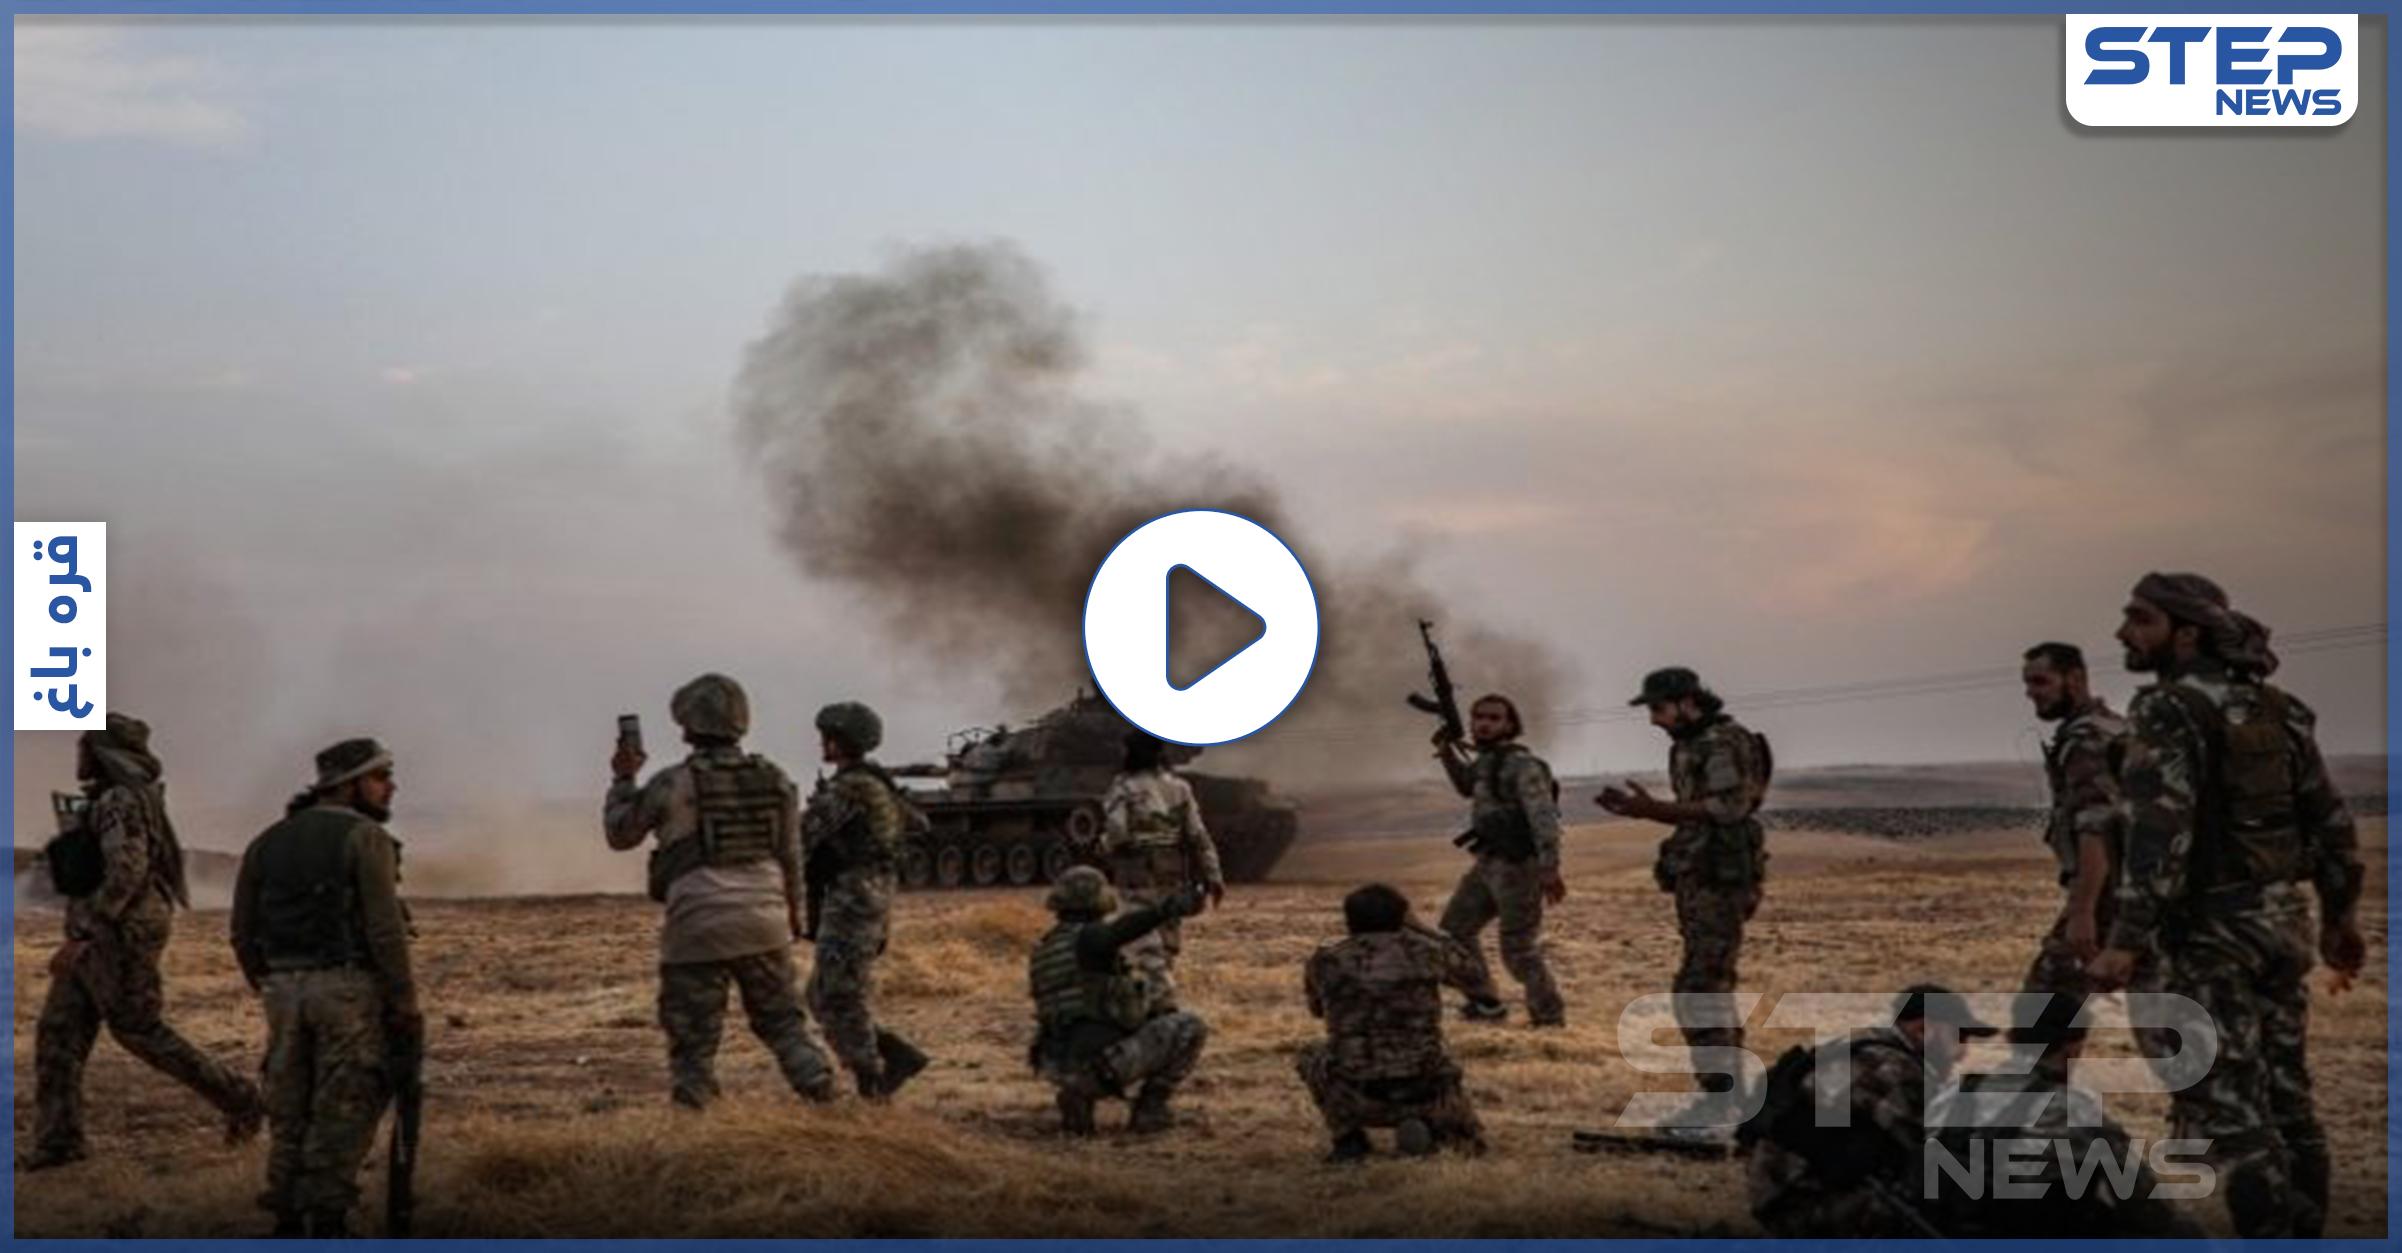 بالفيديو|| مرتزق سوري بـ أذربيجان يتحدث عن هول المعارك.. ومصدر عسكري يكشف تفاصيل تُنشر لأوّل مرّة